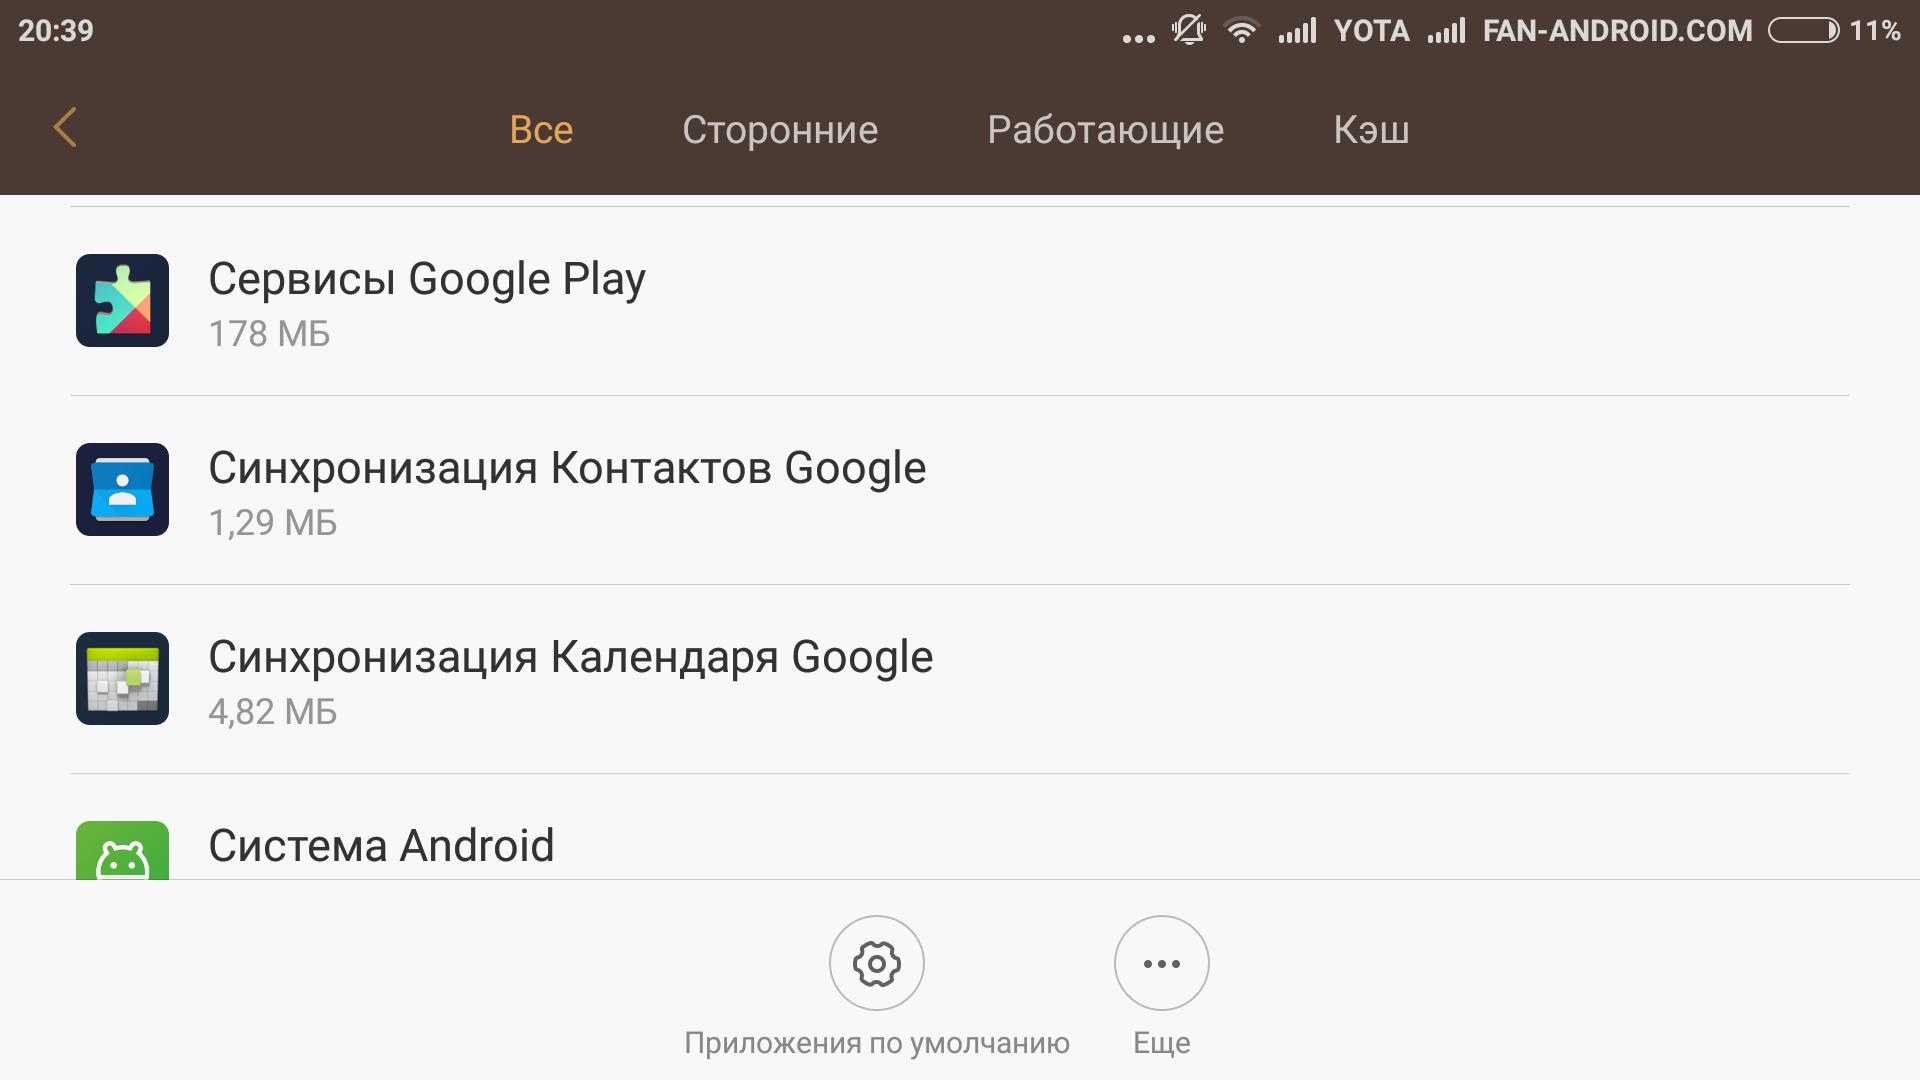 Как сделать чтобы сервисы google play не обновлялся